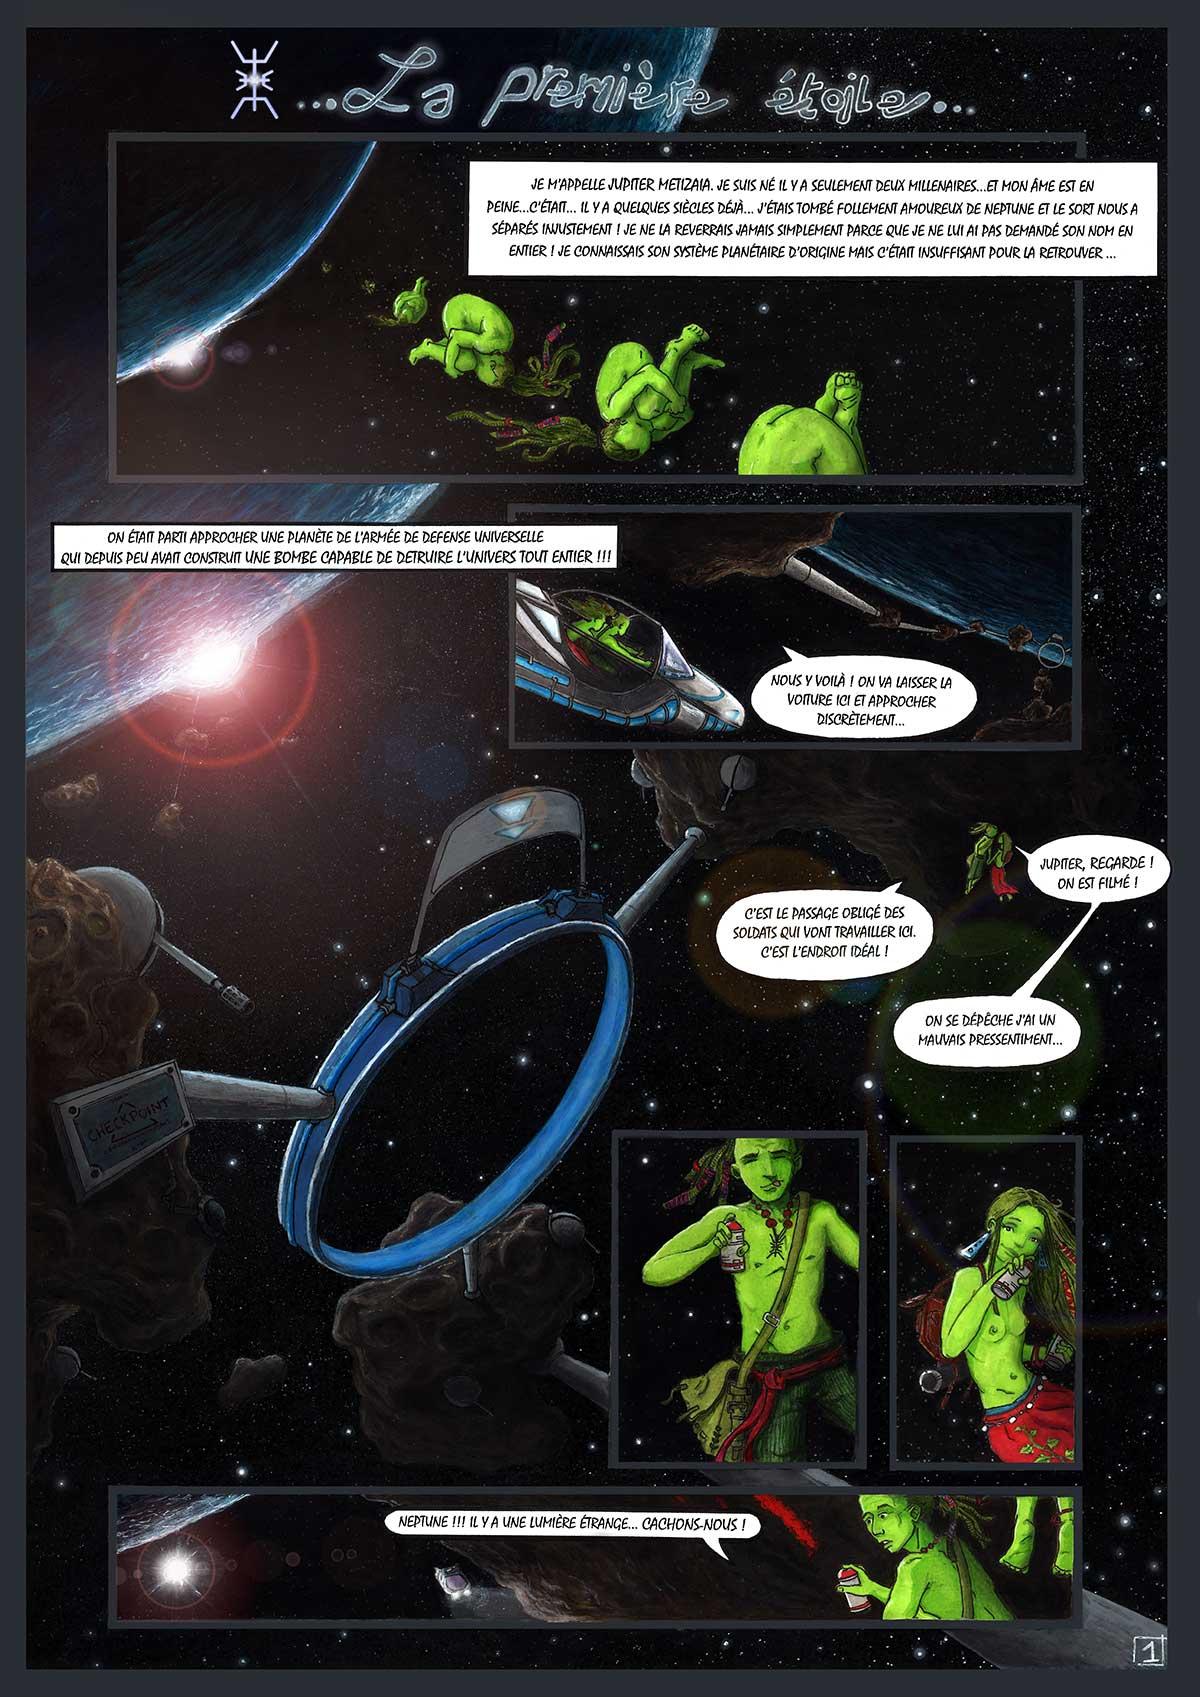 La première étoile - Page 1 1200